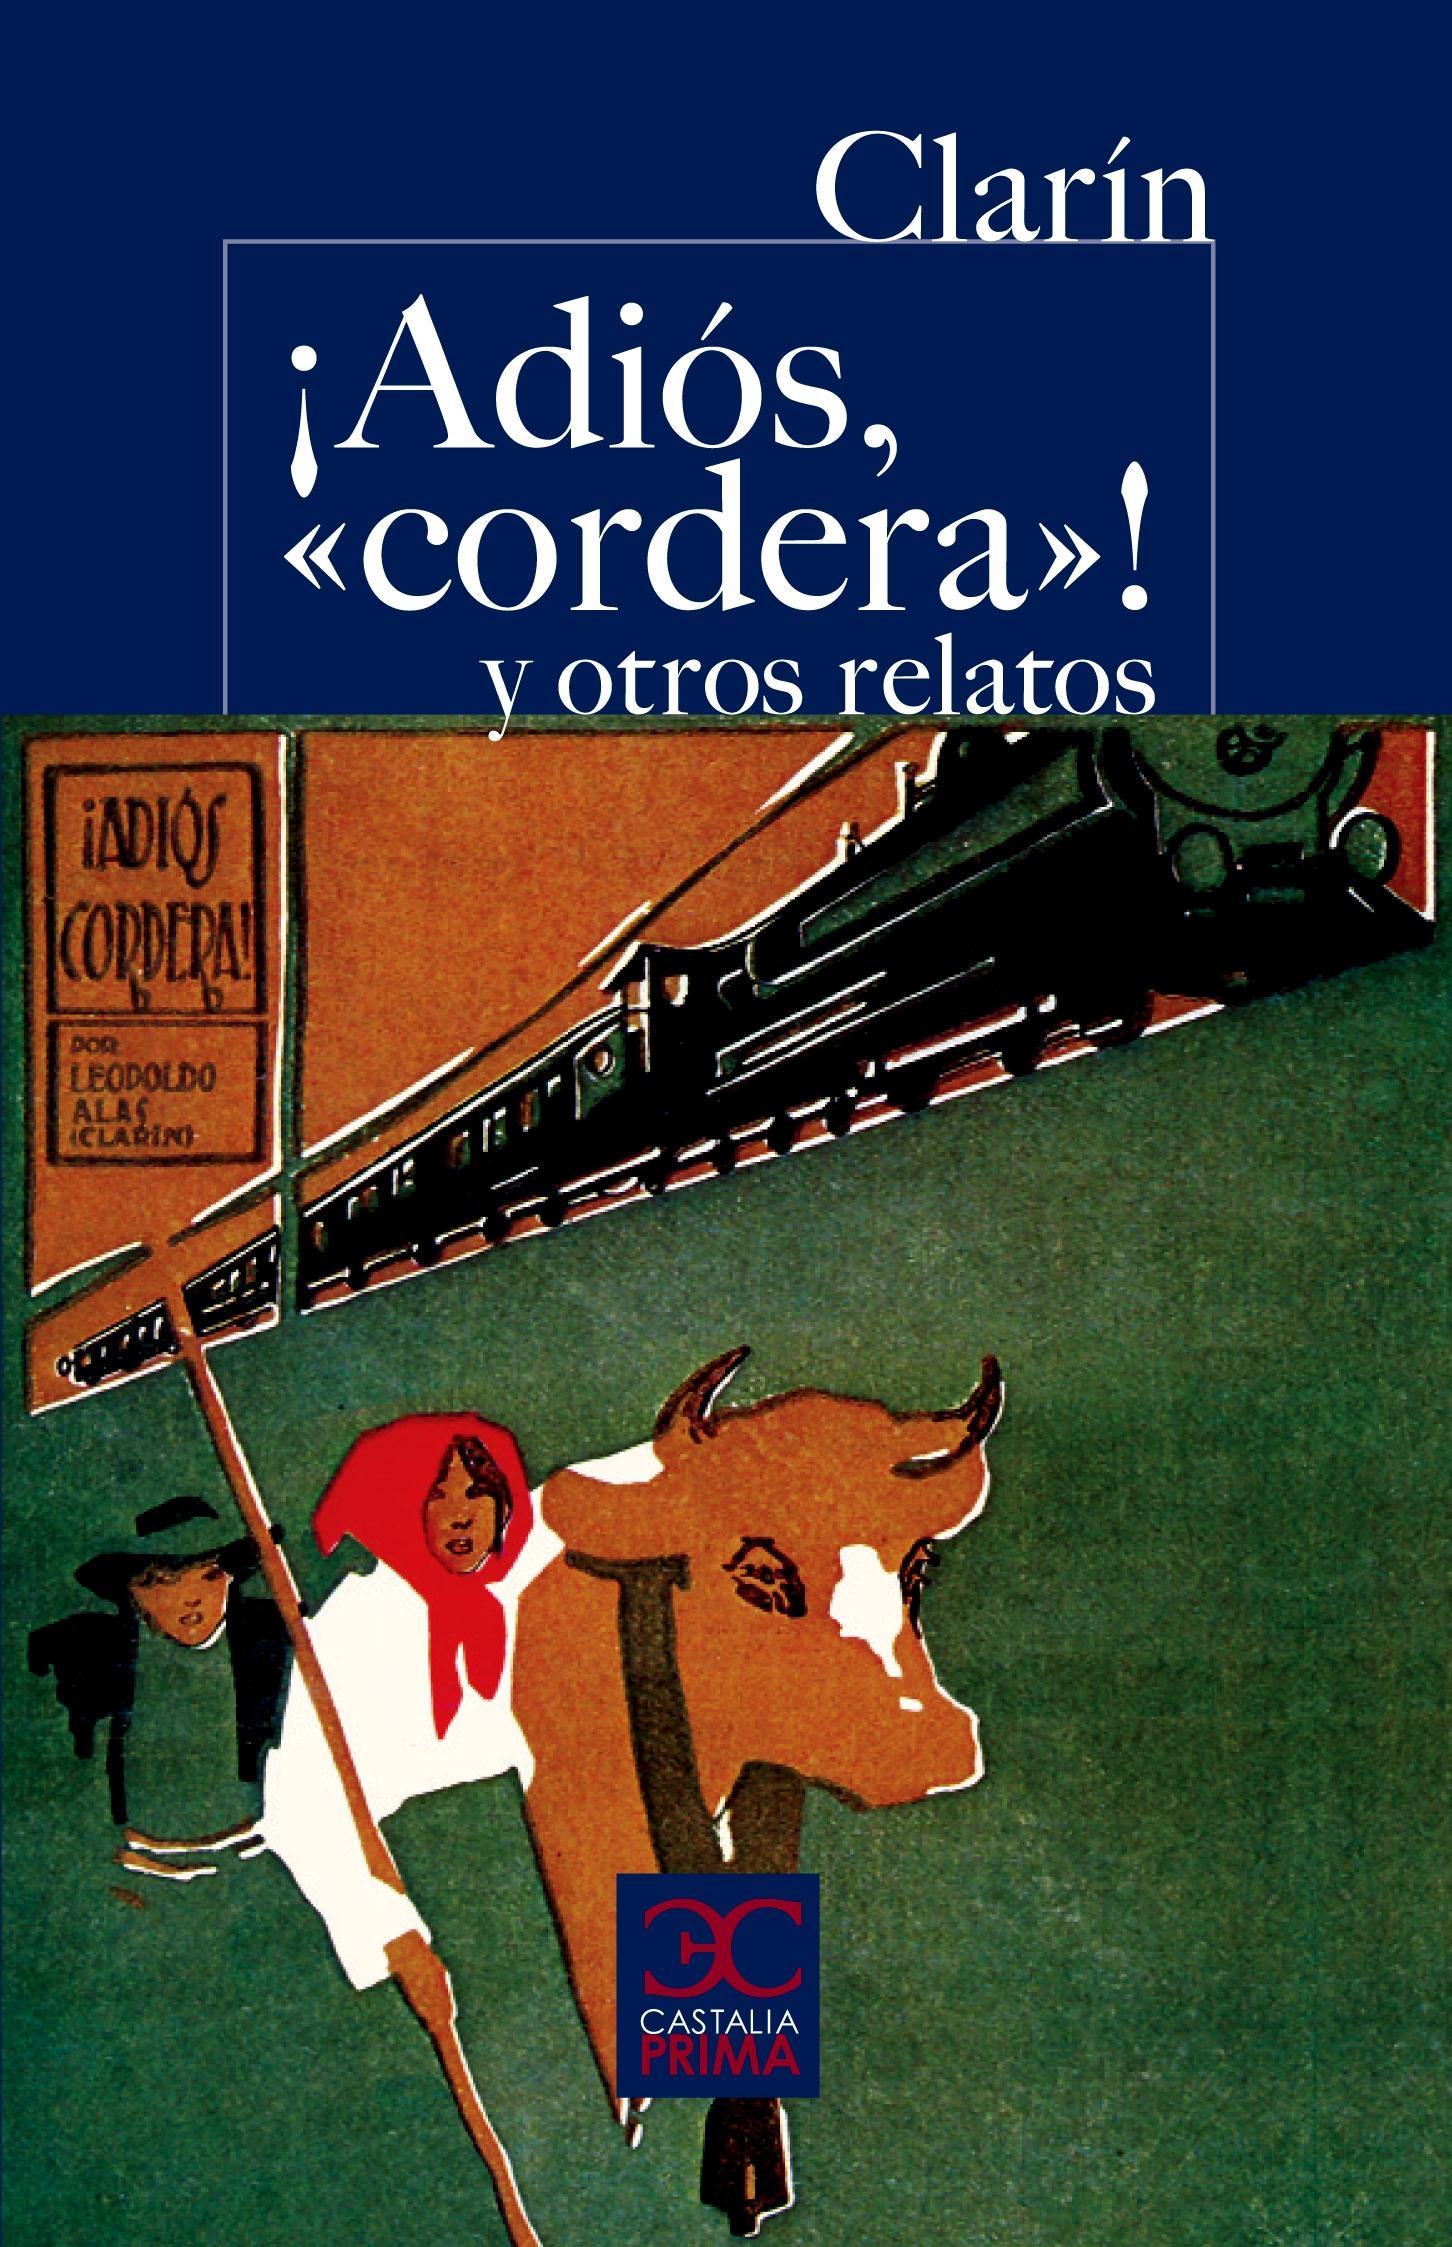 """¡Adiós, """"Cordera""""! y otros relatos"""